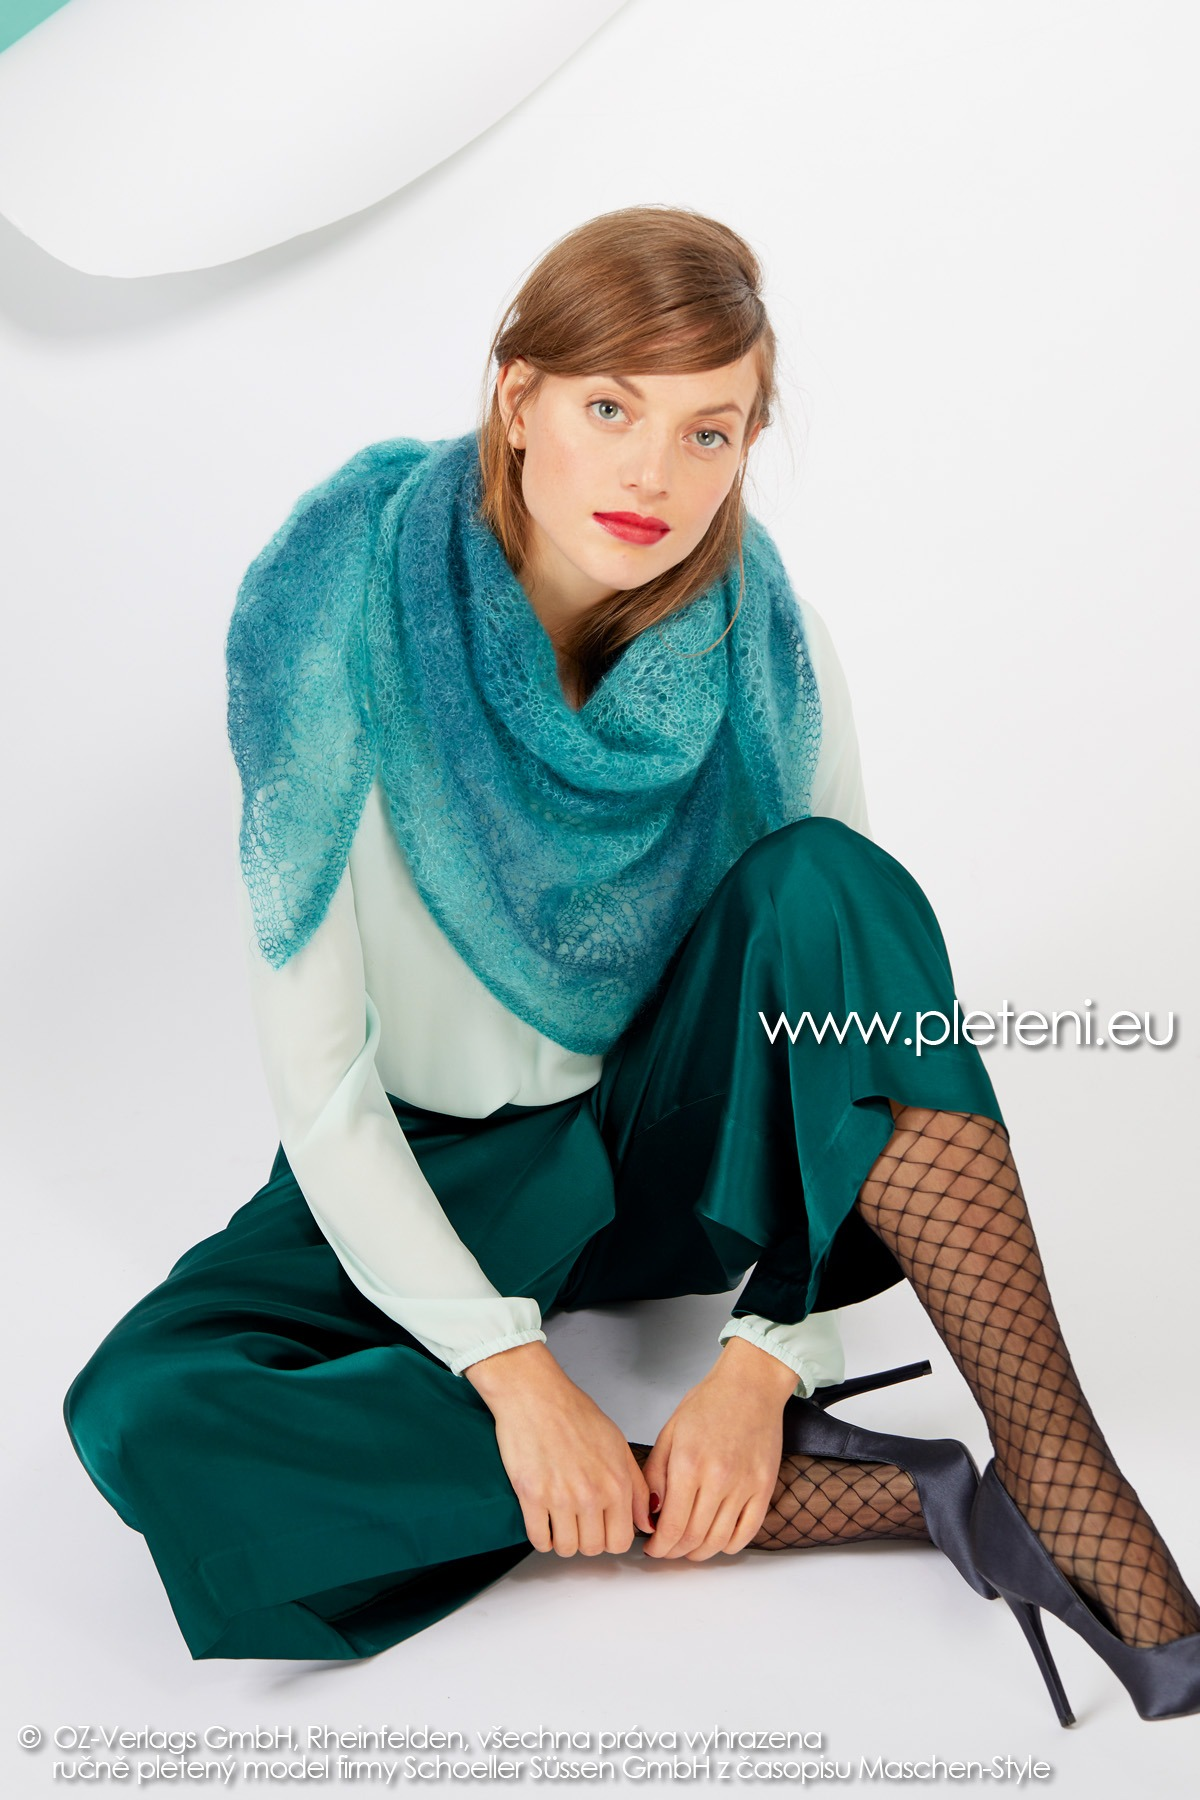 2019-Z-05 pletený dámský trojcípý šátek z příze Kid Silk Degradé značky Austermann